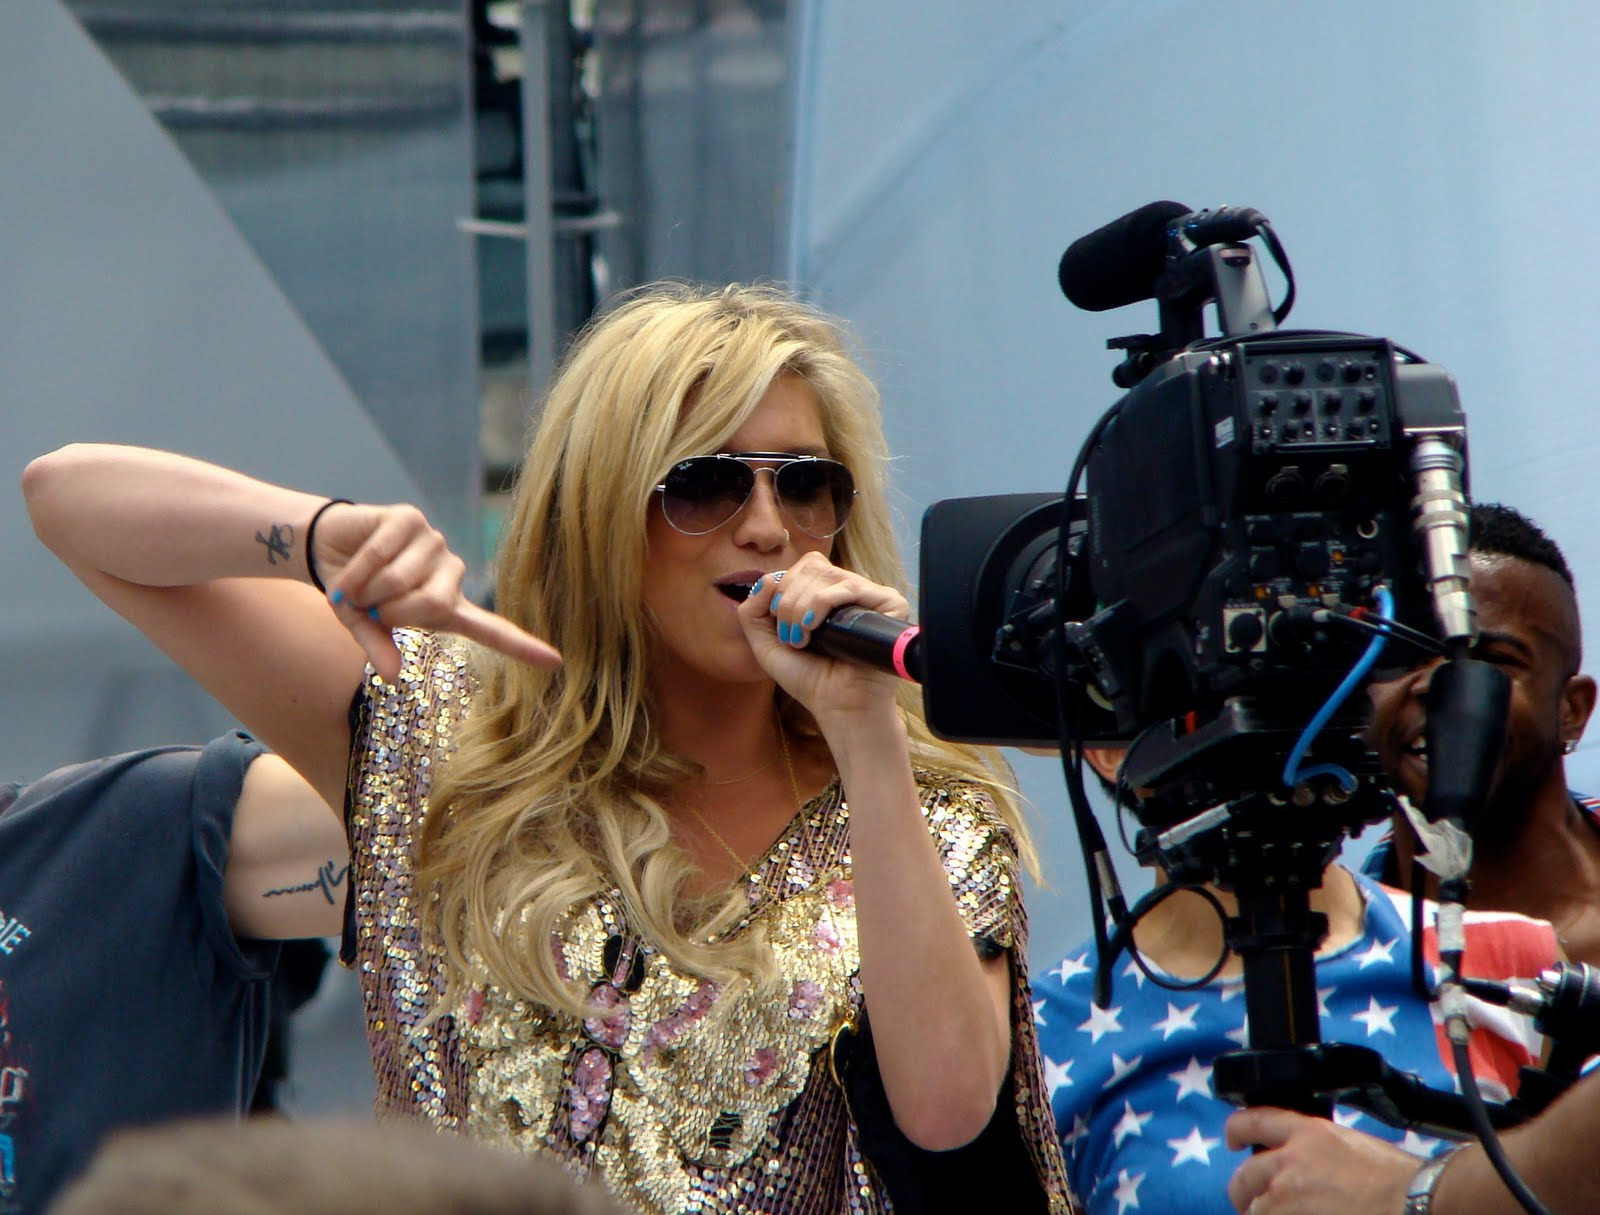 http://1.bp.blogspot.com/_l4fHvjxGlCs/TG28Npy7D7I/AAAAAAAAAvs/RF8noawMhJQ/s1600/Kesha_Live_Much.jpg